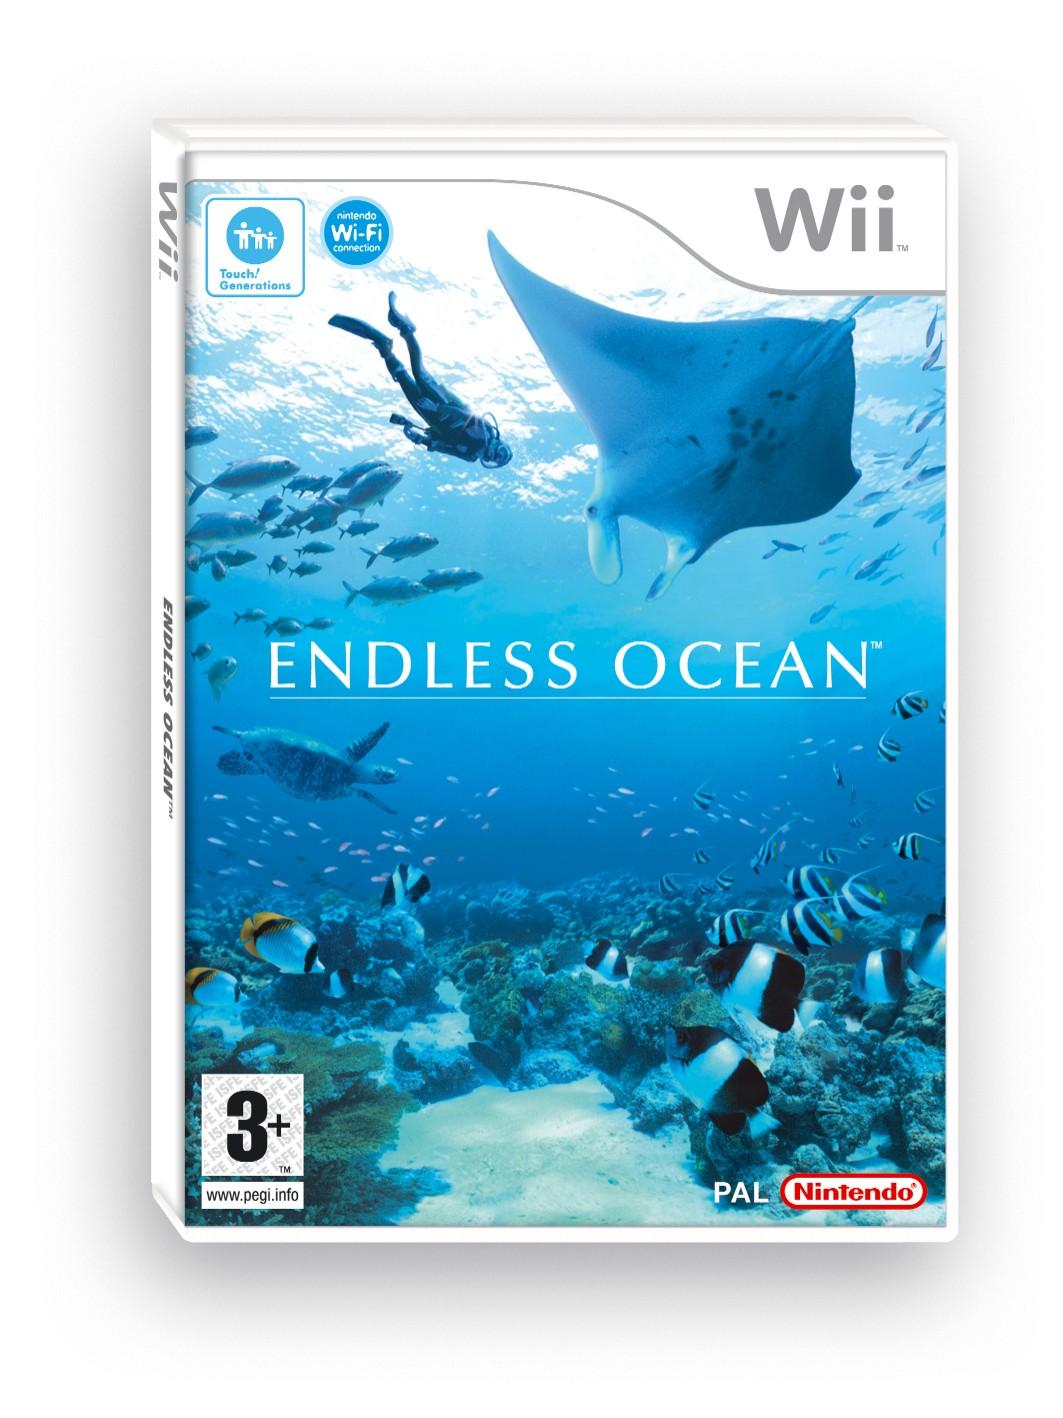 Endless ocean Endlessocean_caja